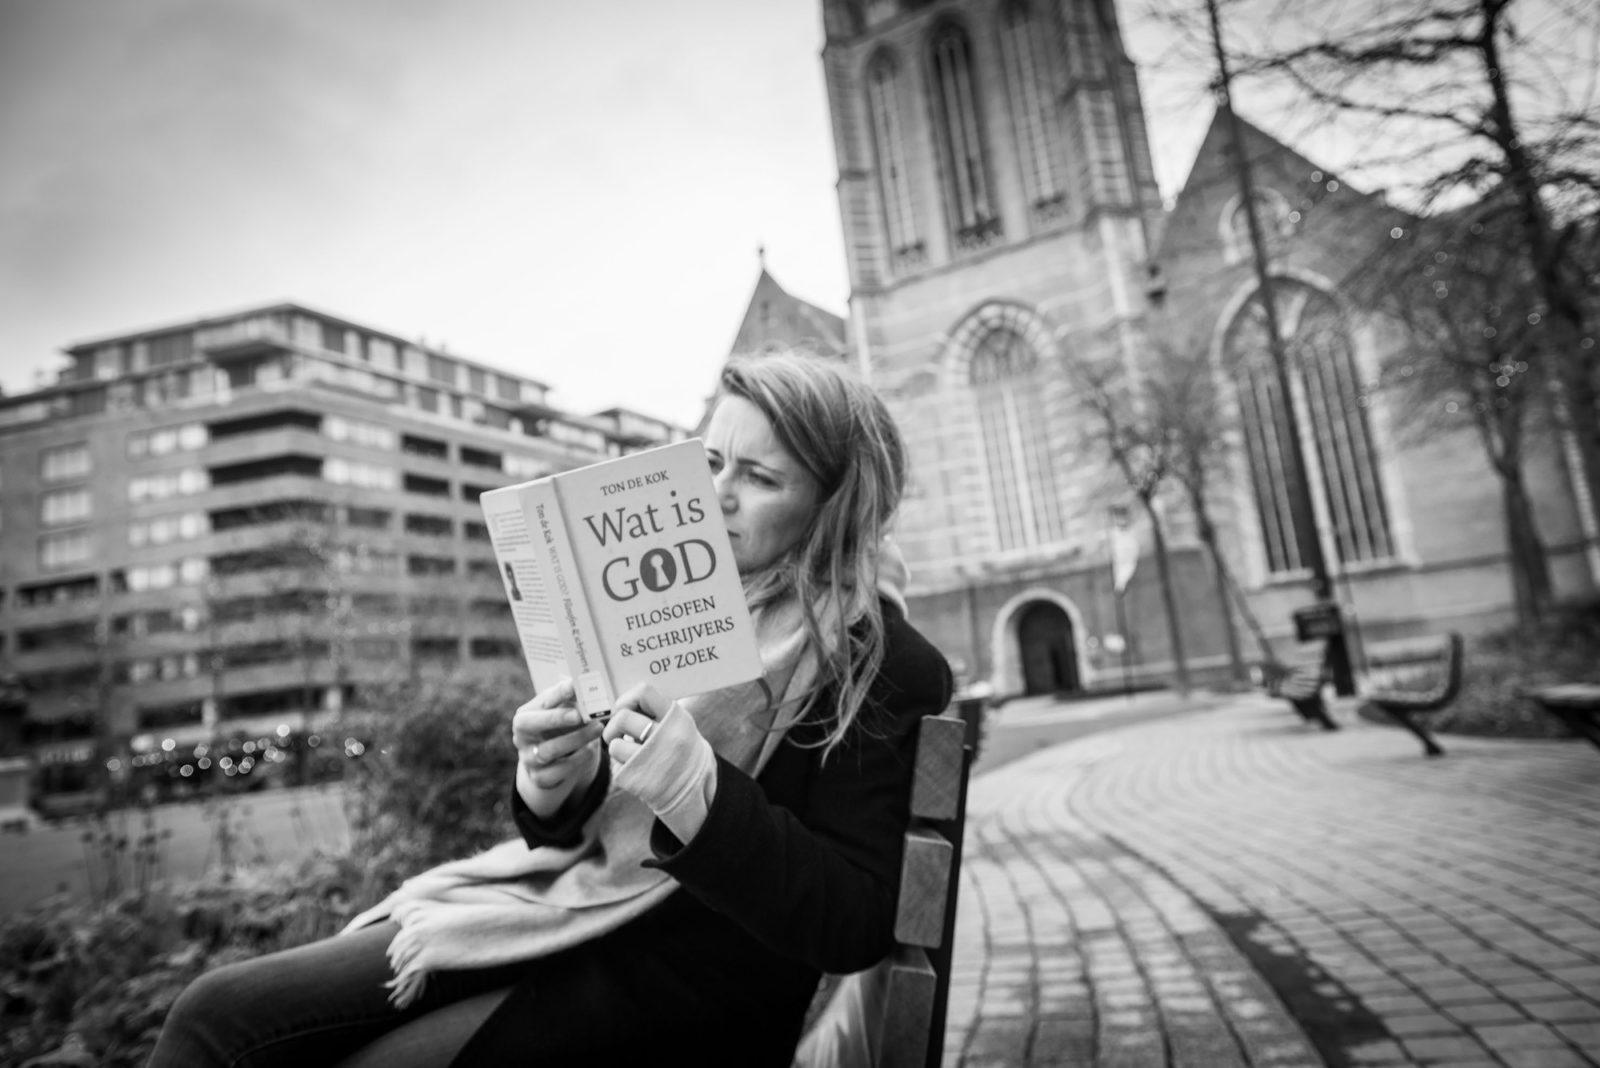 ronald-van-den-heerik-science-meets-city-1-laurenskerk